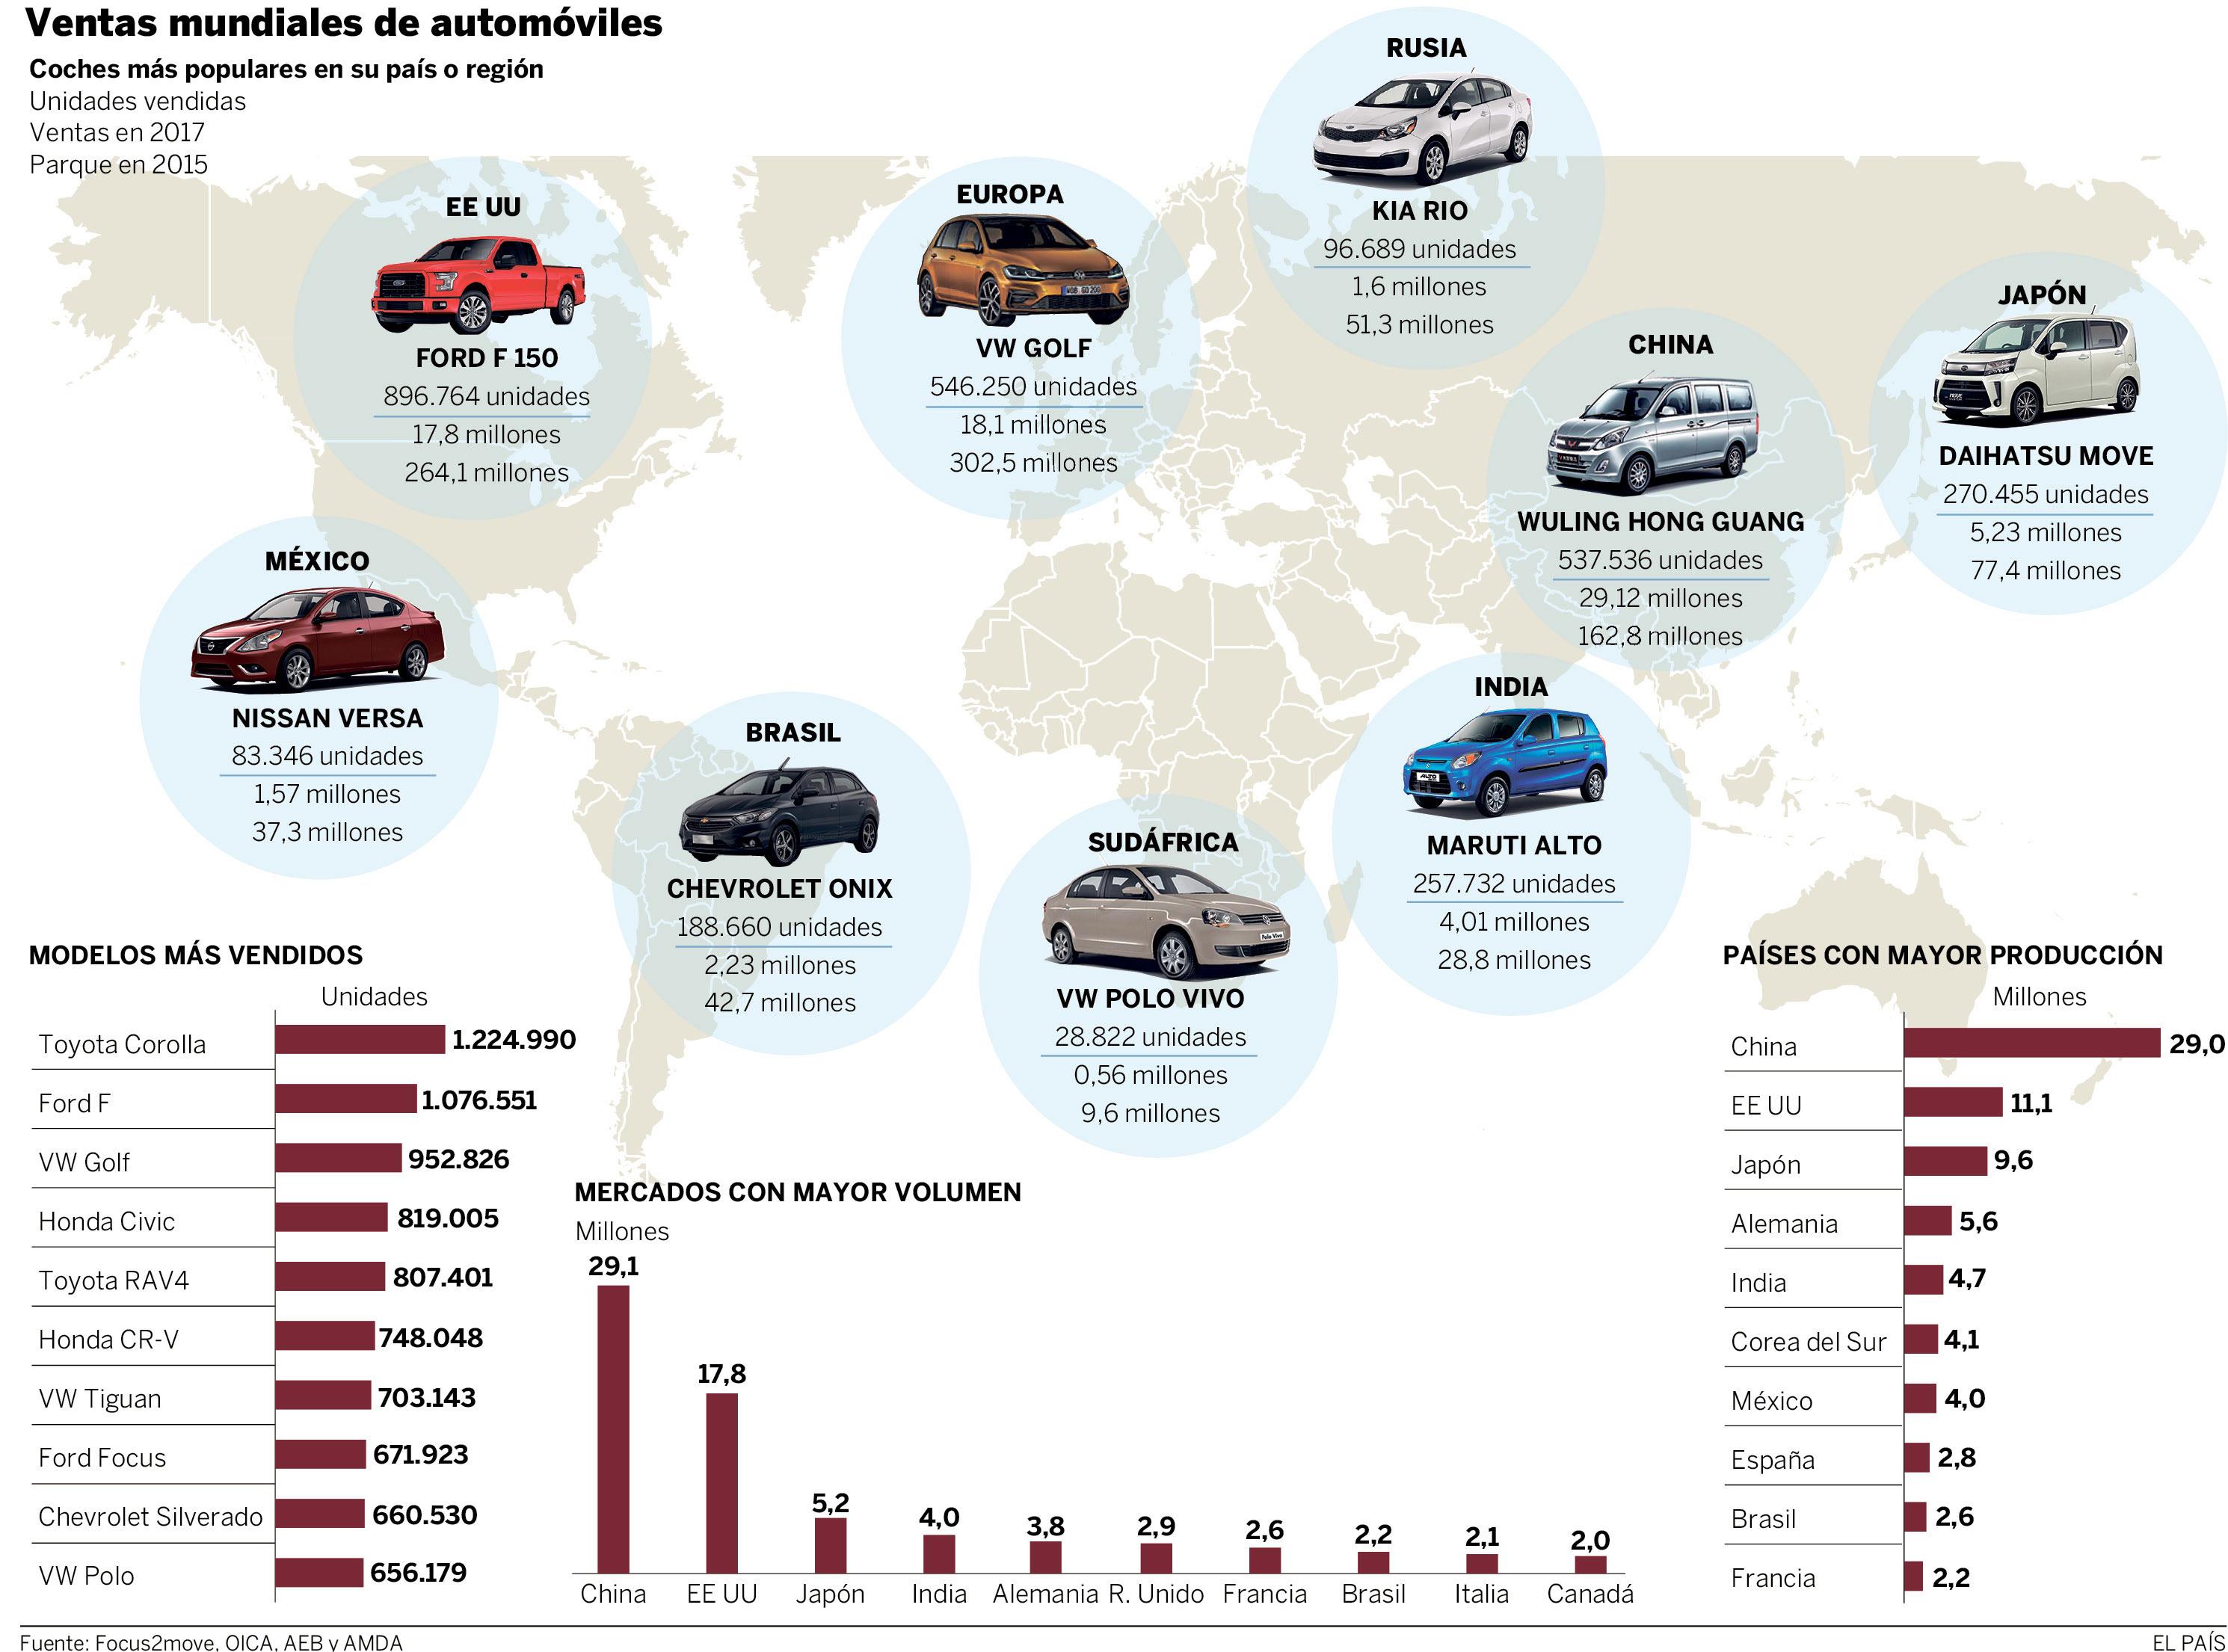 Ventas globales de autos 2018